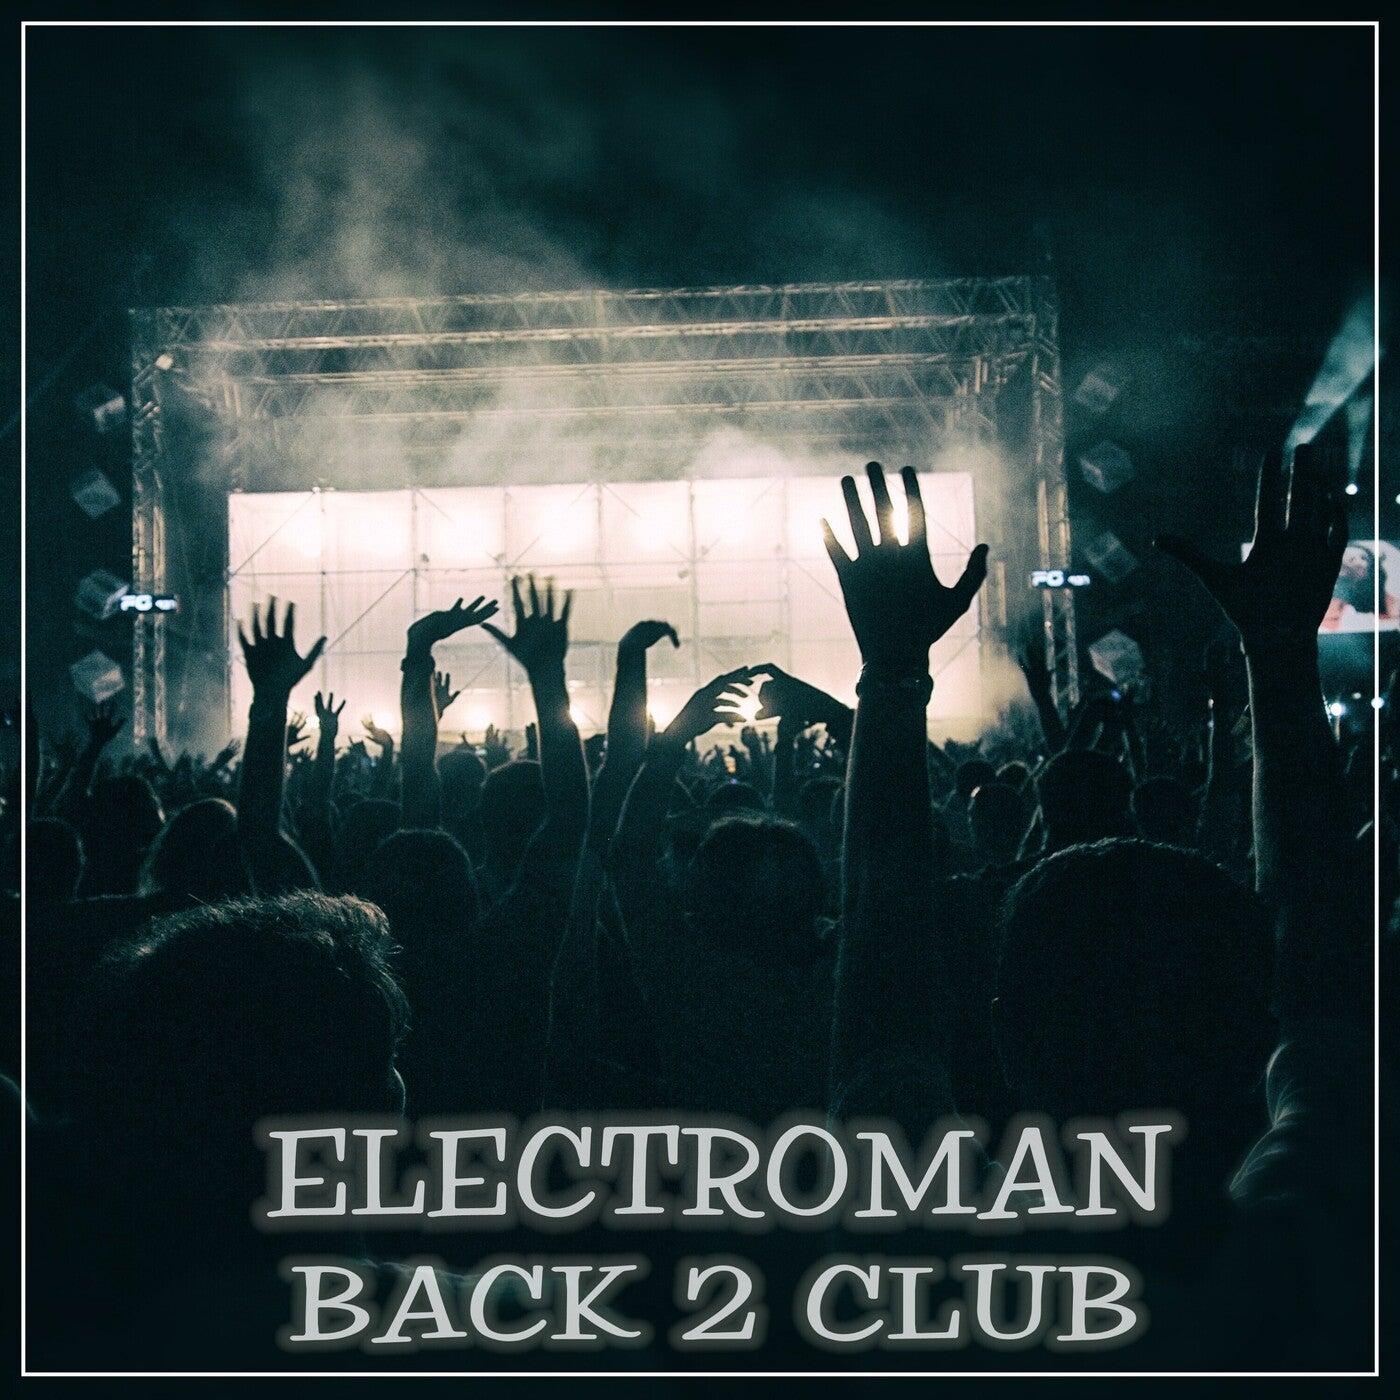 Electroman - Back 2 Club